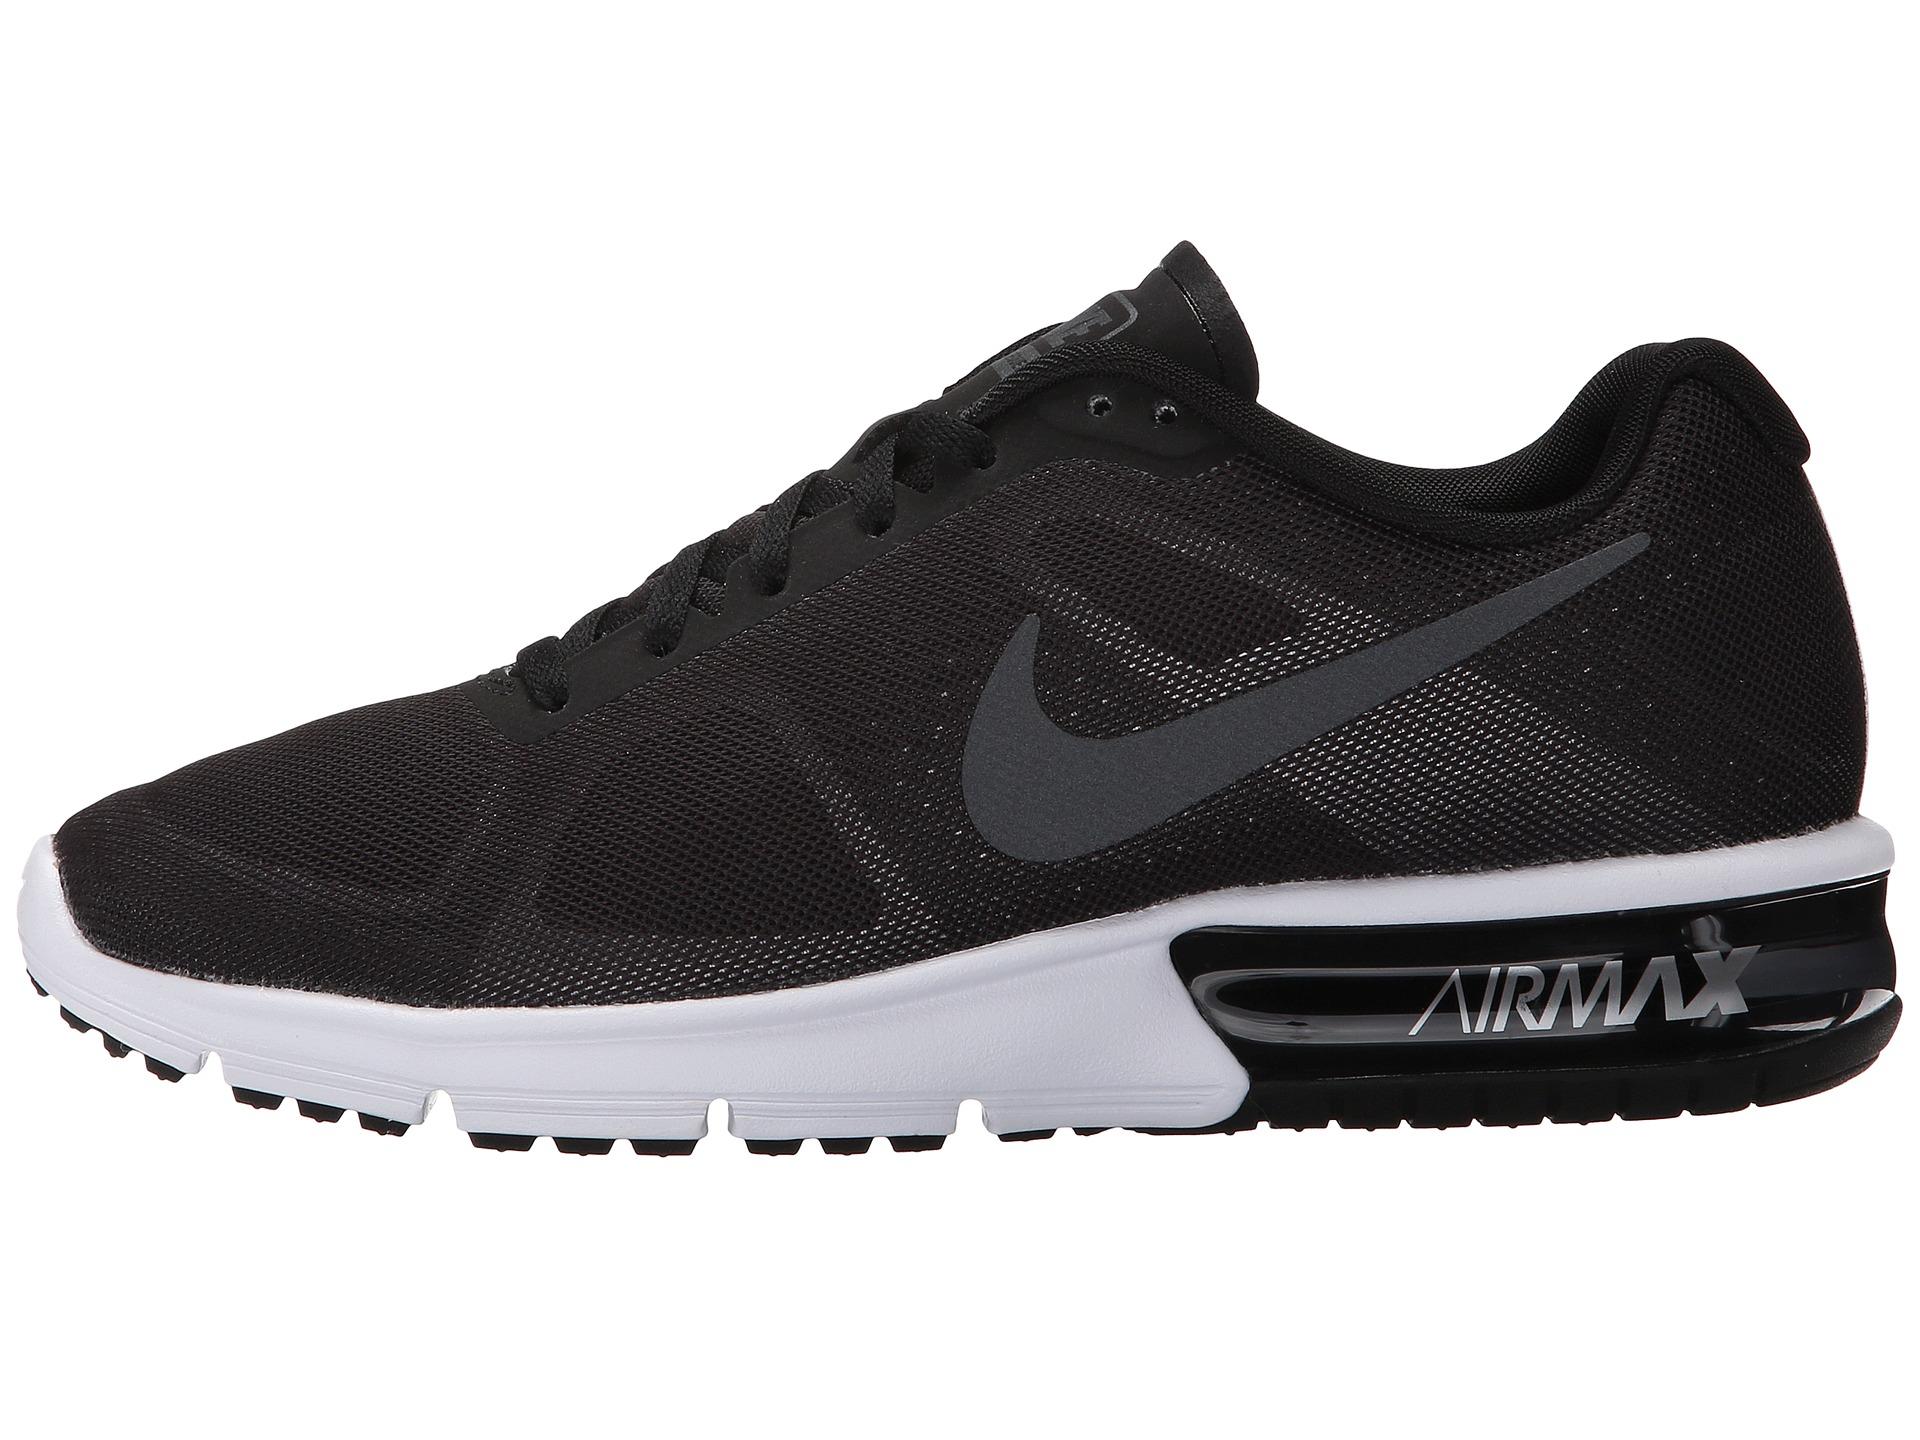 a42b45793d50c Cargando zoom. Zapatillas para Mujer Nike Air Max 2016 ... zapatilla nike  air max 2016 ...